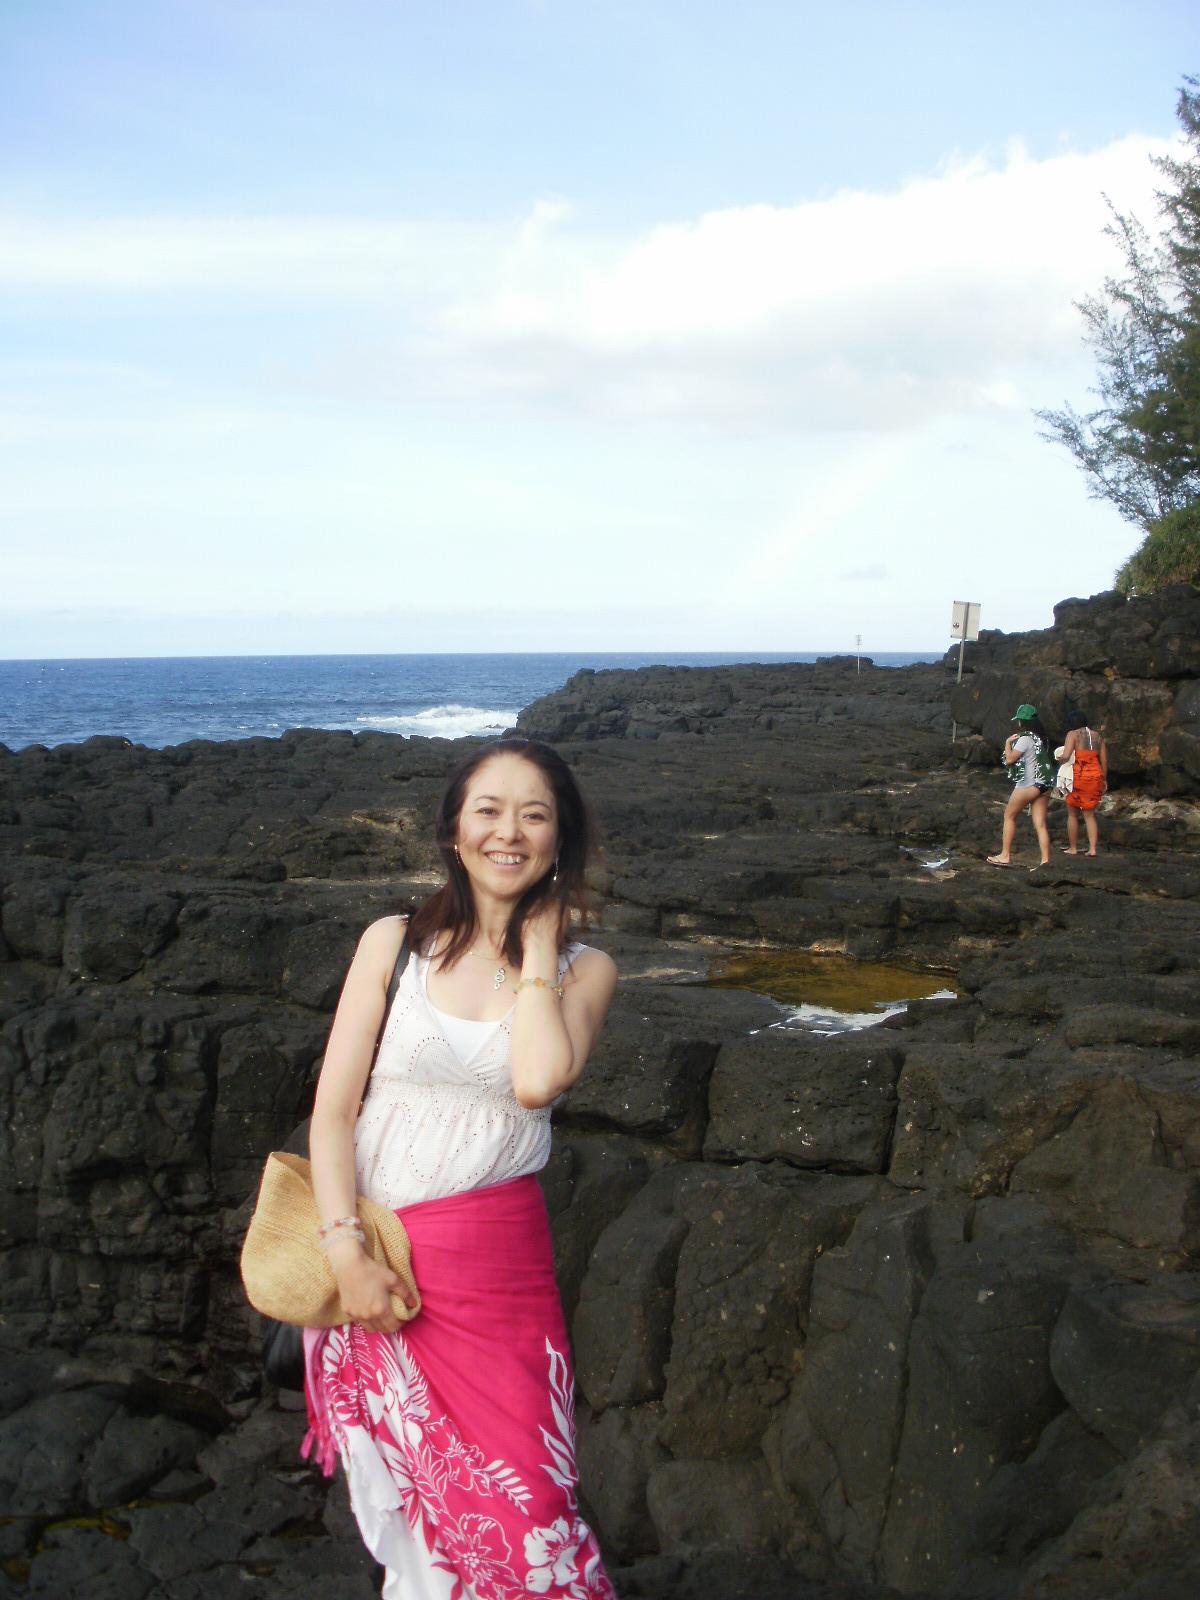 シャスタでの虹とカウアイ島での虹_f0095325_2584834.jpg